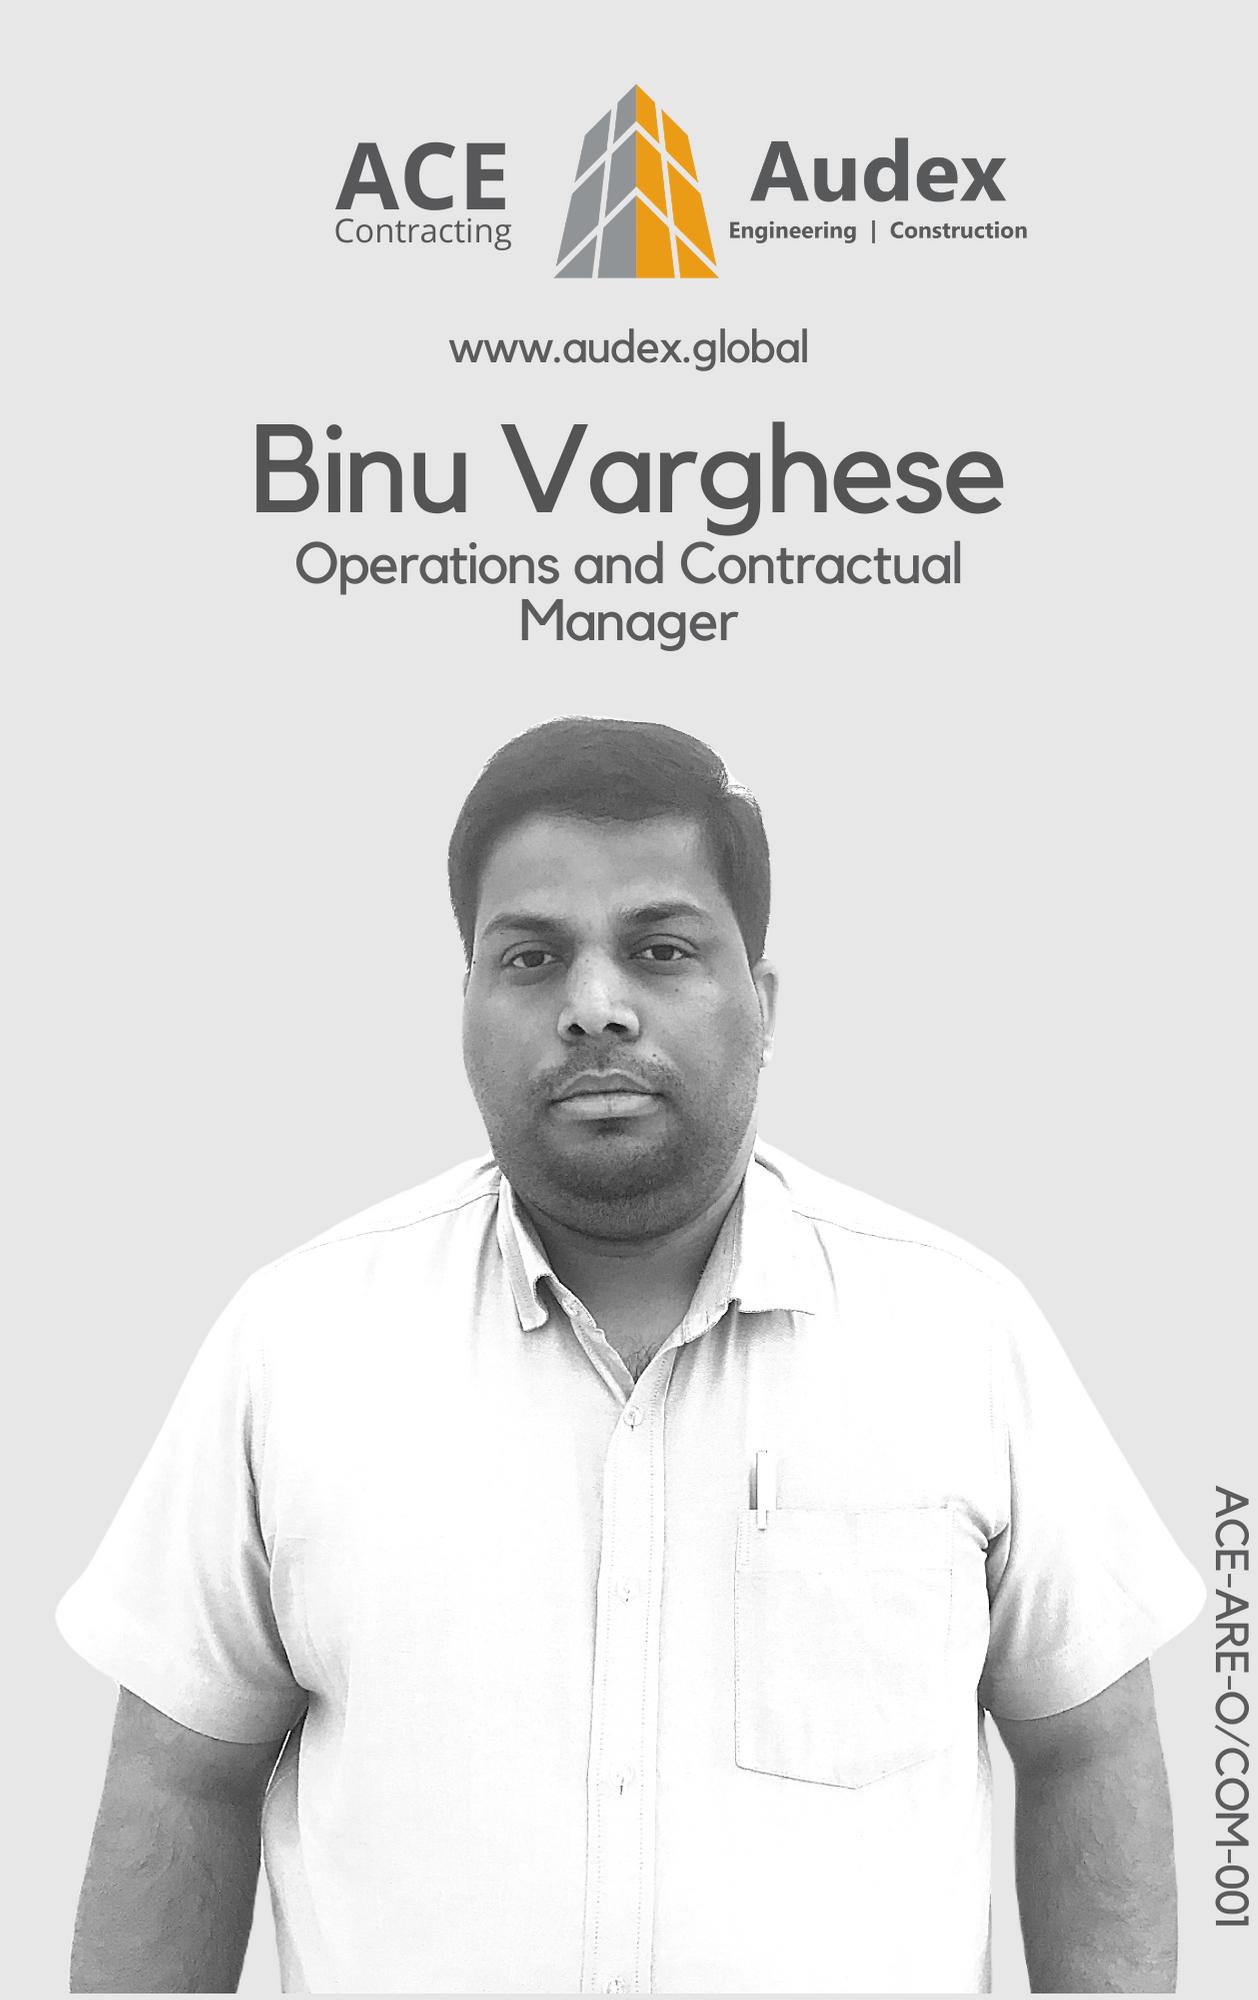 Binu Varghese